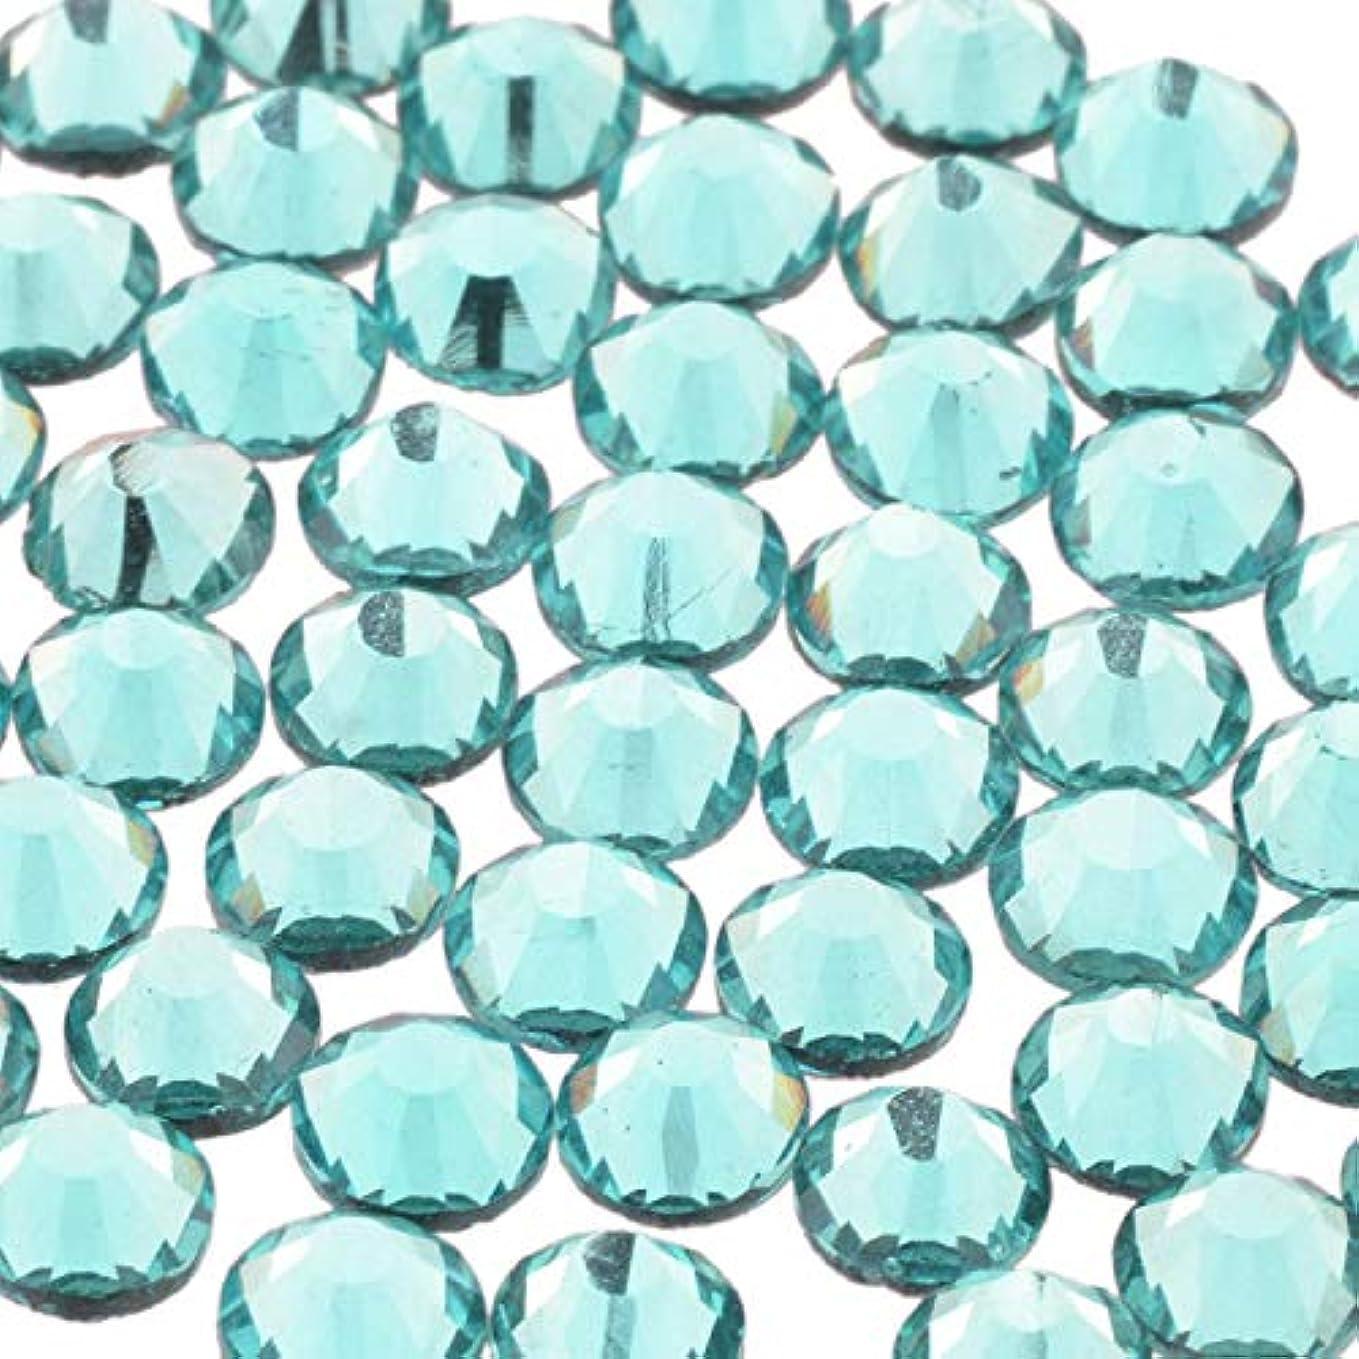 ビタミン矢印人工的なスワロフスキー代用 改良 高品質ガラスストーン AQUA CRYSTAL SS16 SS12 SS10 SS8 SS6 SS4 SS3 (SS16/60粒, 09.アクアマリン-4)